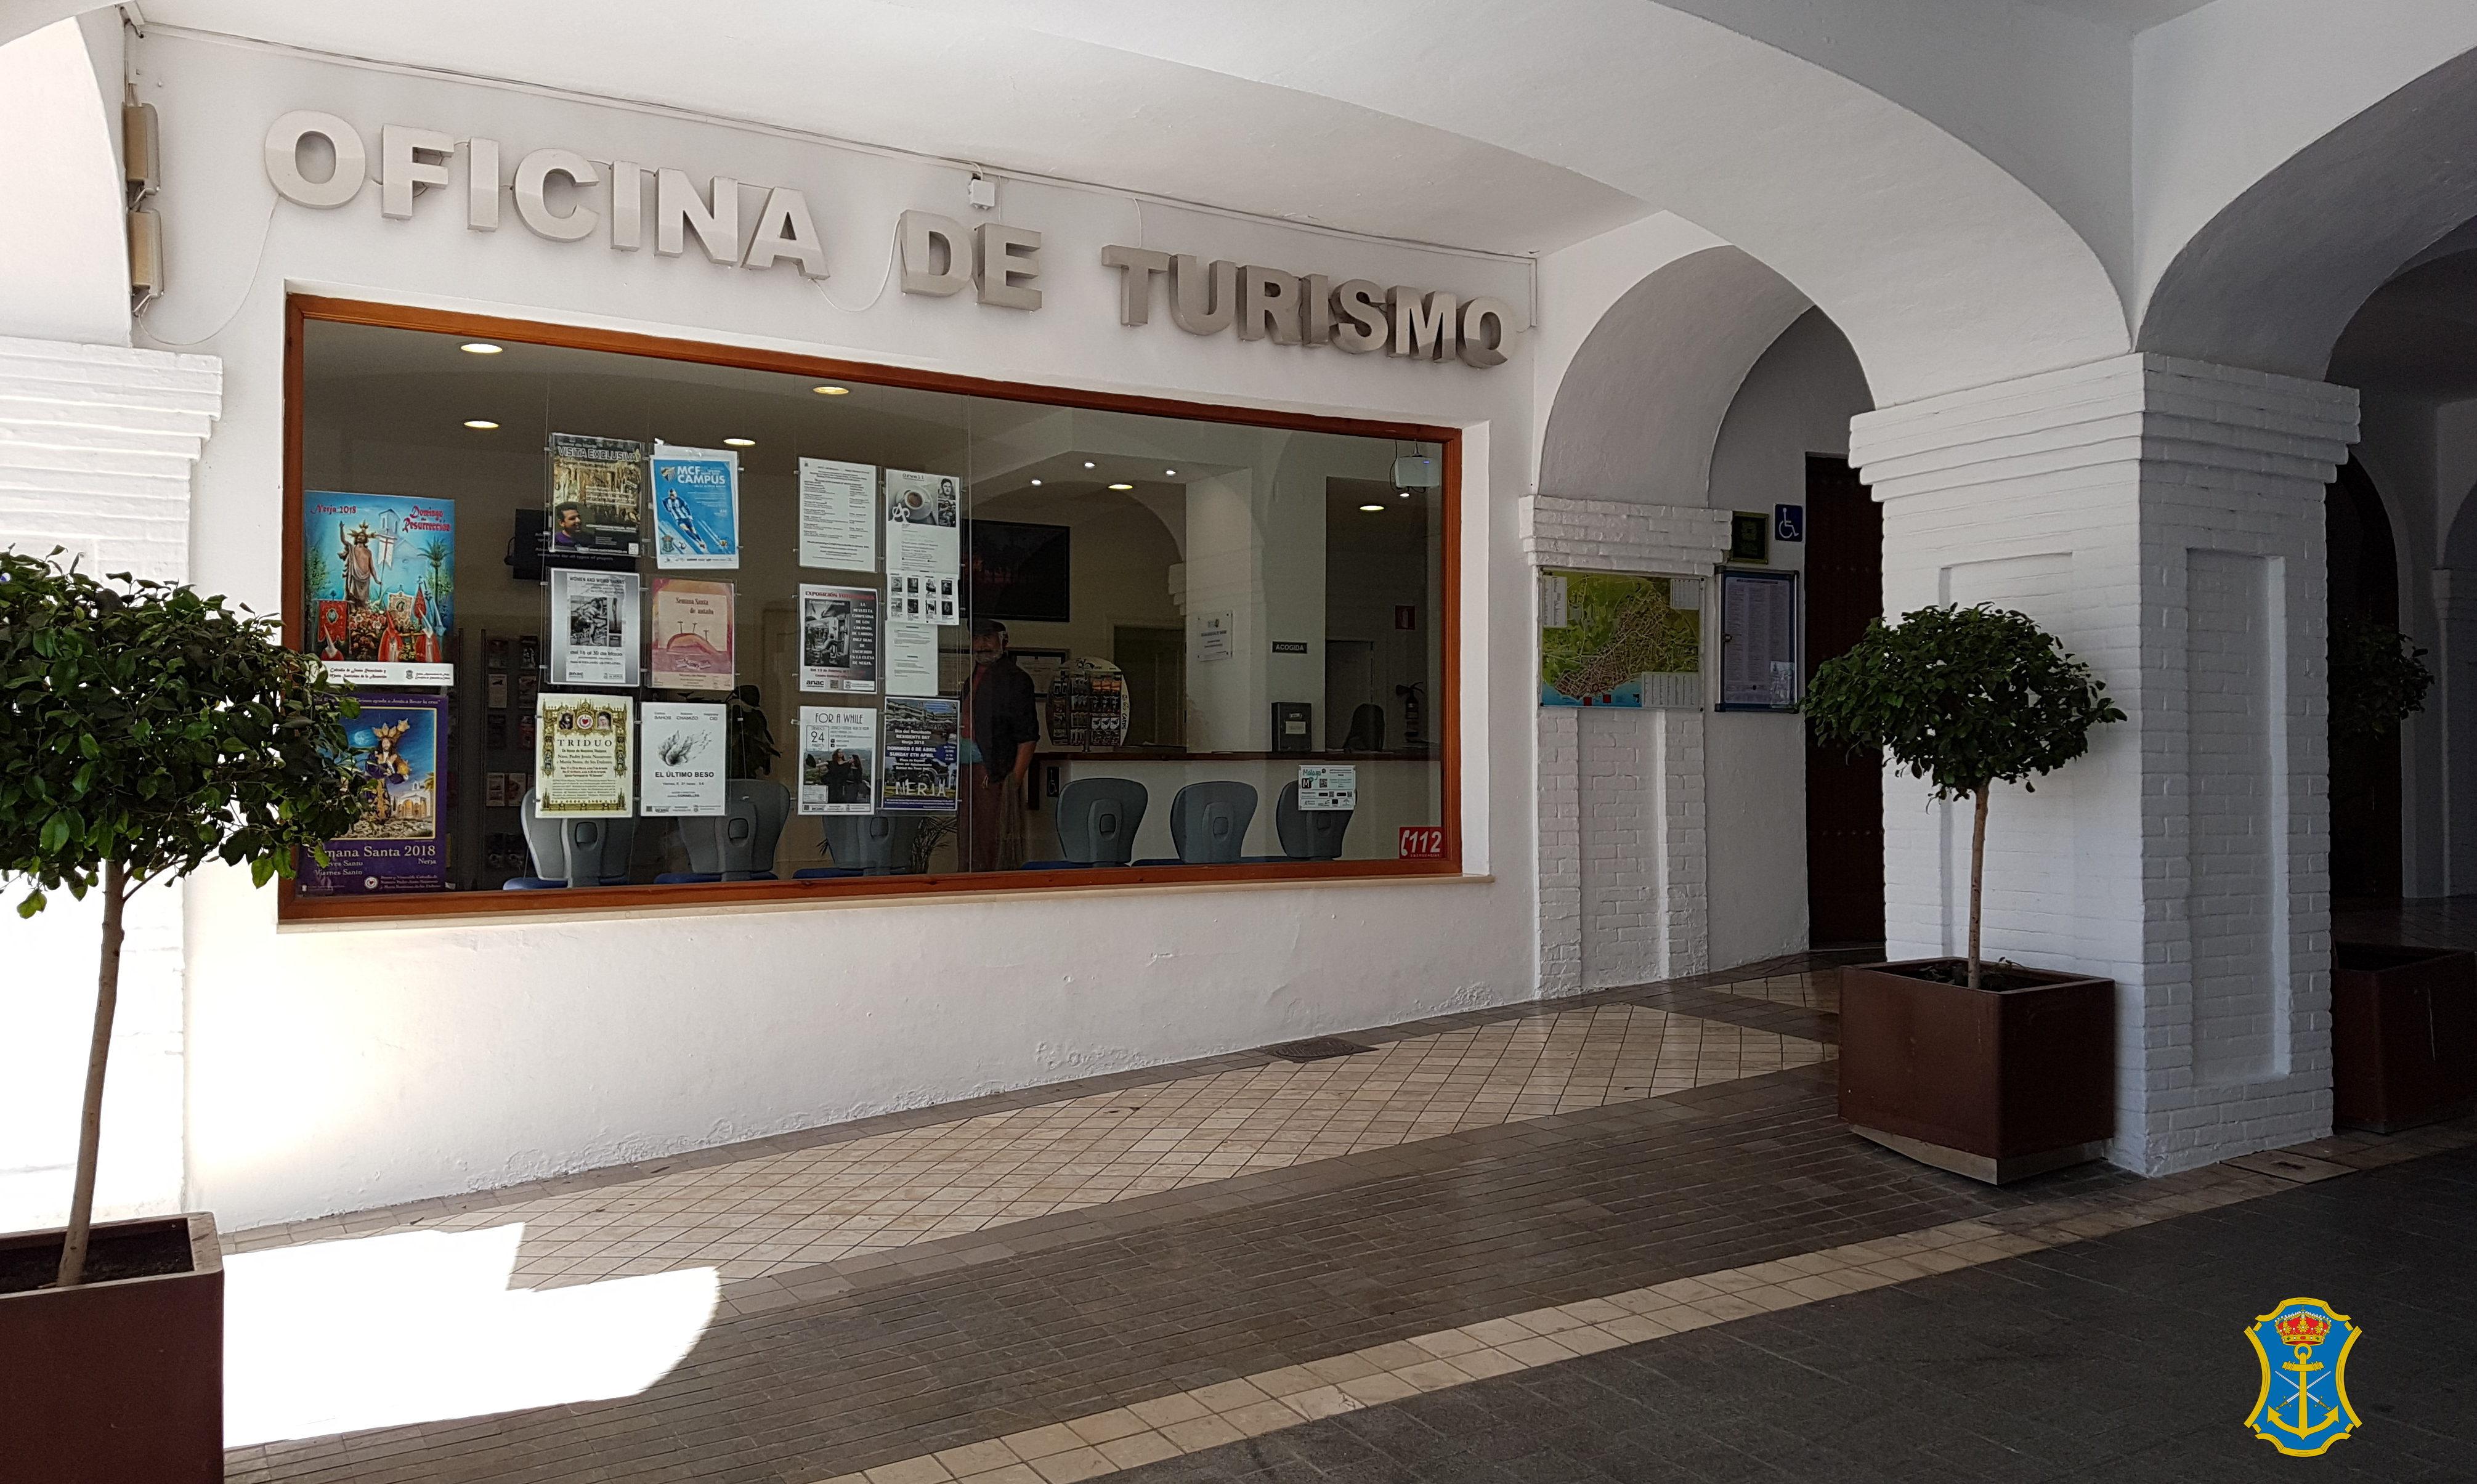 Participa en las acciones promocionales de la concejal a - Oficina turismo toro ...